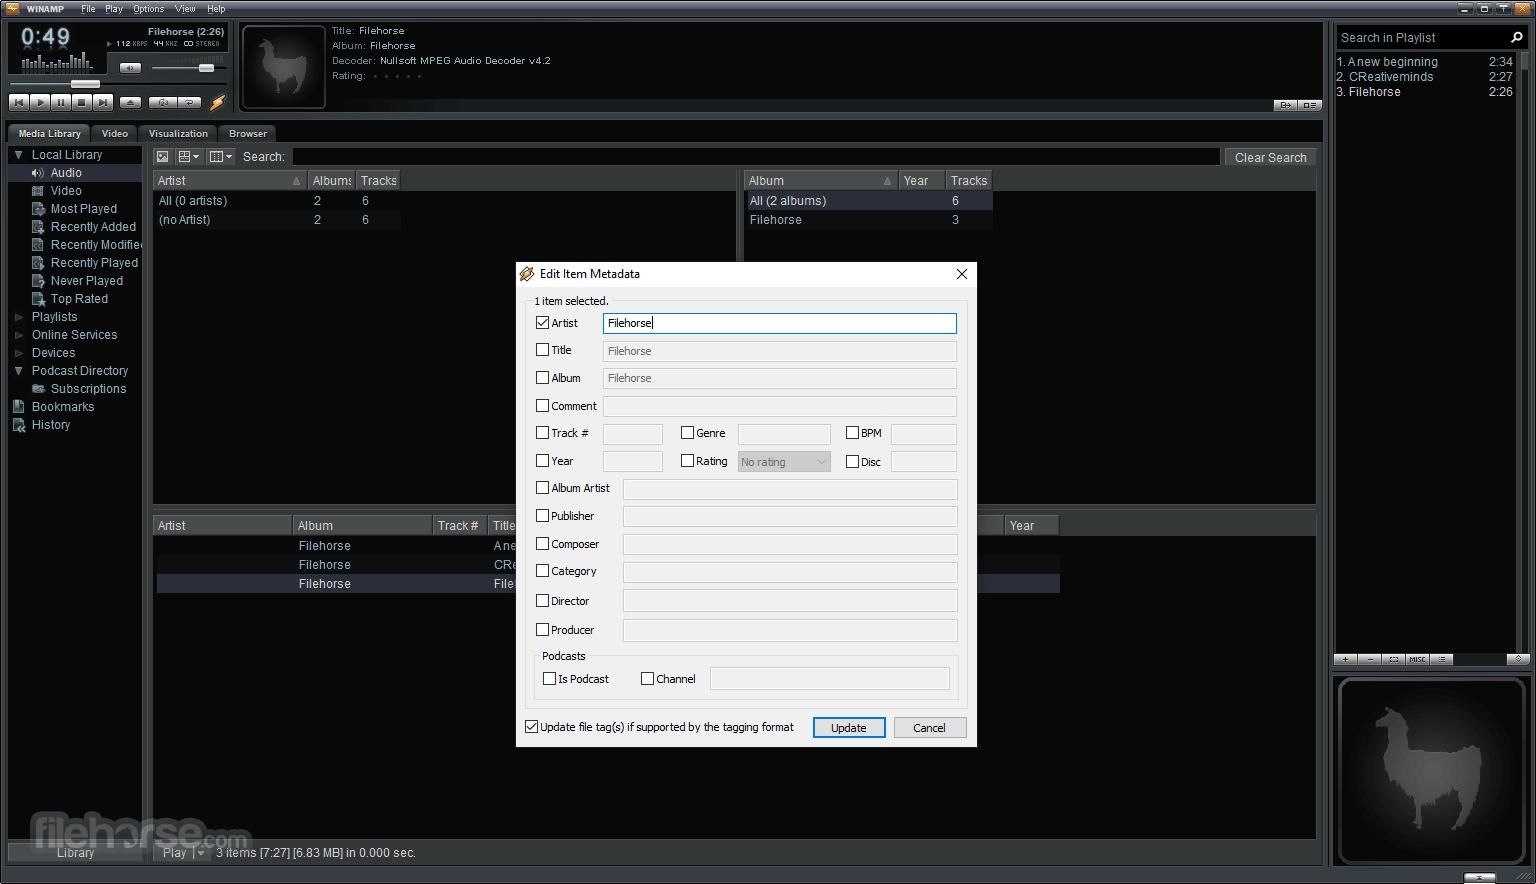 Winamp 5.666 Full Build 3516 Screenshot 2